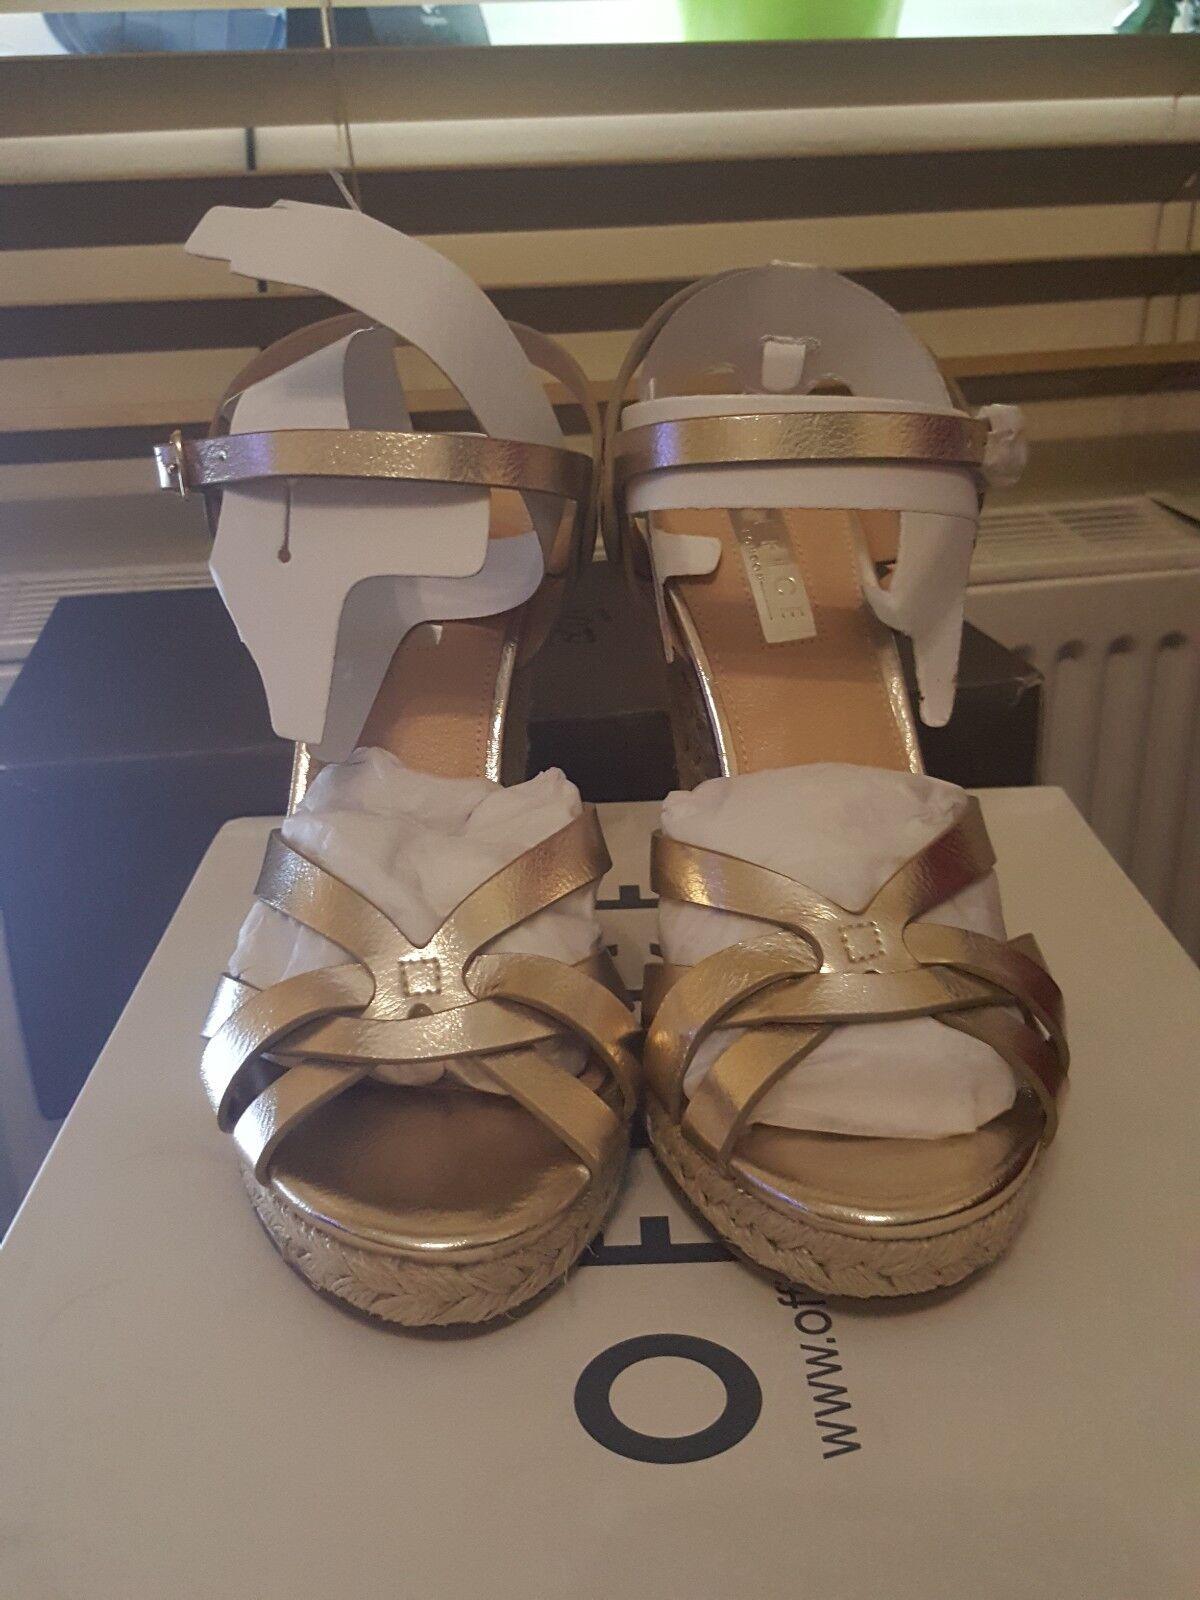 Zapato Zapato Zapato De Mujer Plataforma De Oficina  Envíos y devoluciones gratis.